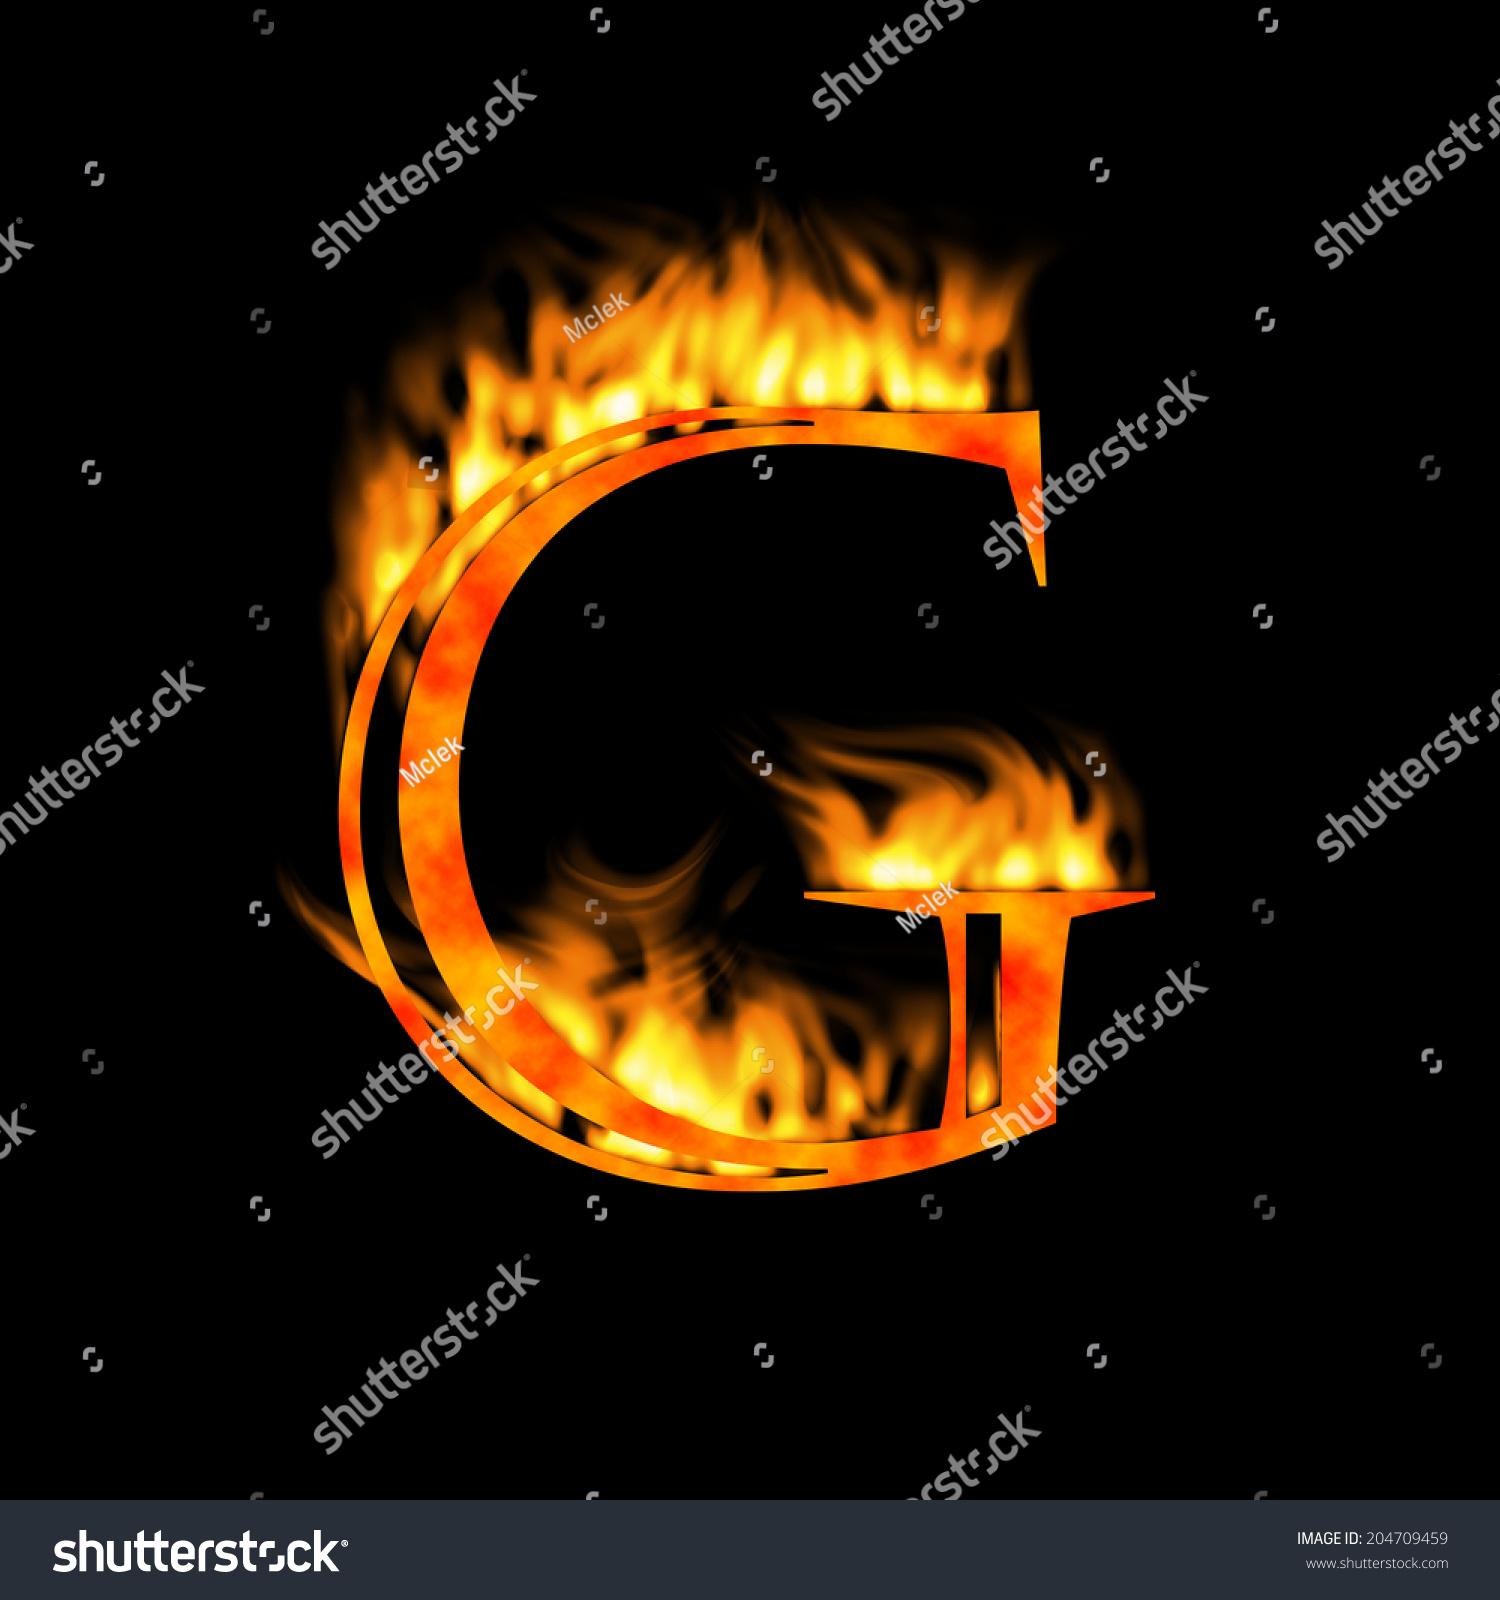 Letter G Letter Symbol Fire Alphabet Stock Illustration 204709459